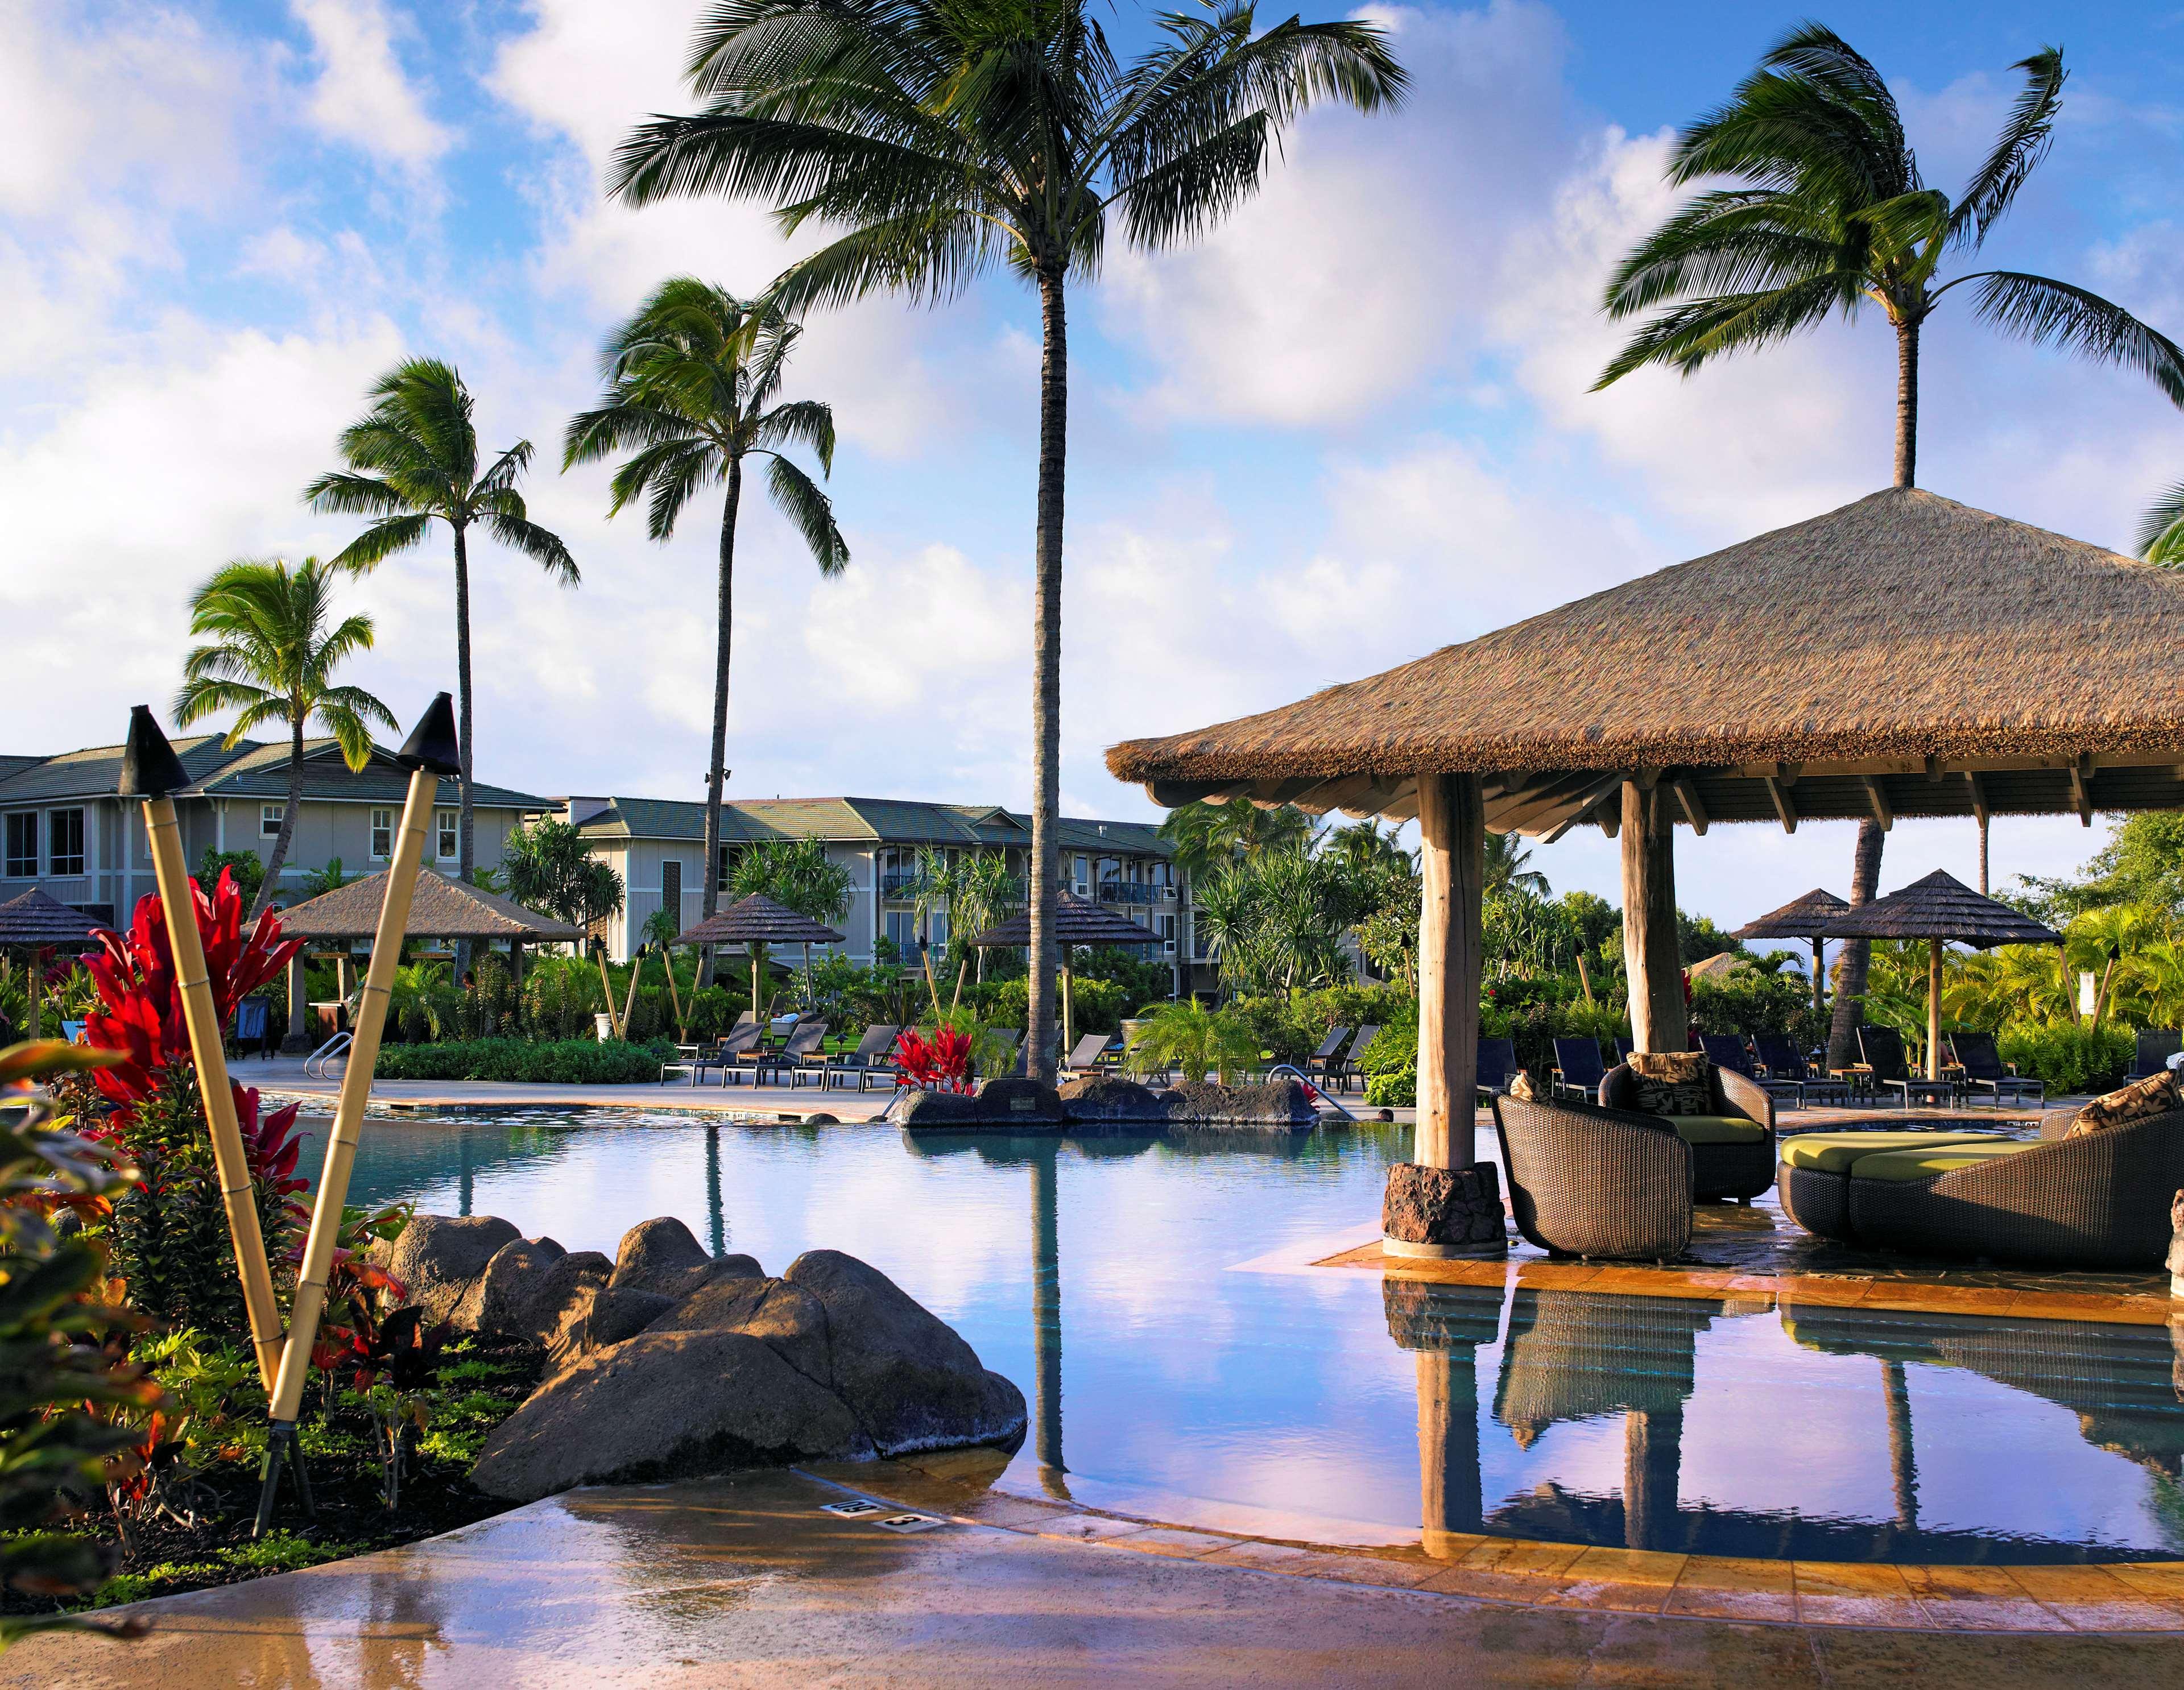 The Westin Princeville Ocean Resort Villas image 1